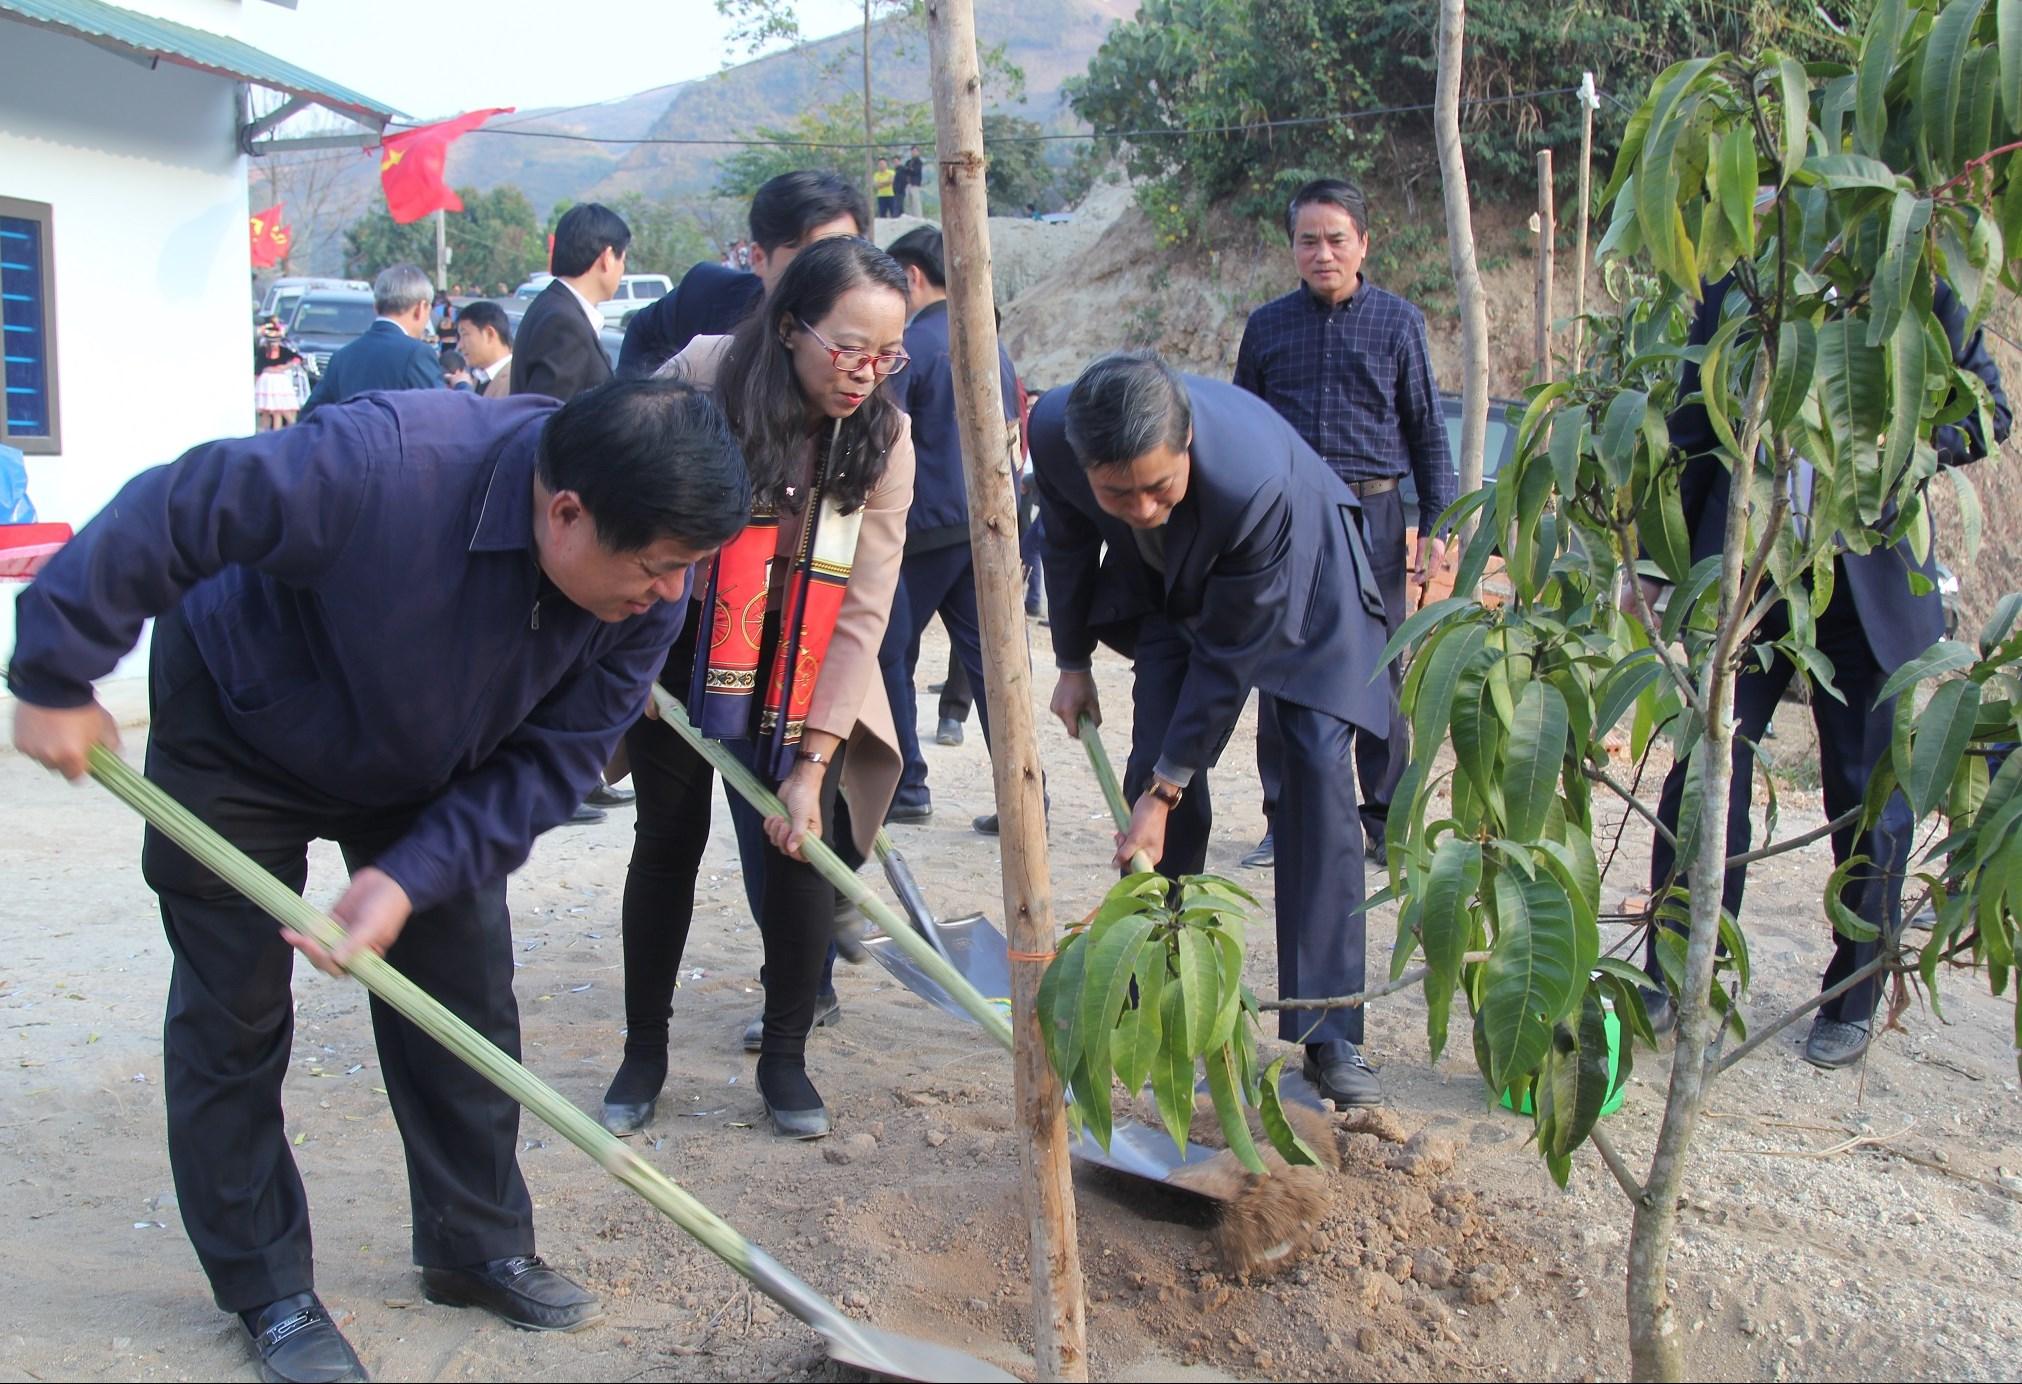 Bộ trưởng Bộ Kế hoạch và Đầu tư Nguyễn Chí Dũng, Thứ trưởng, Phó Chủ nhiệm UBDT Hoàng Thị Hạnh cùng lãnh đạo tỉnh Sơn La trồng cây ăn quả tặng hộ đồng bào DTTS